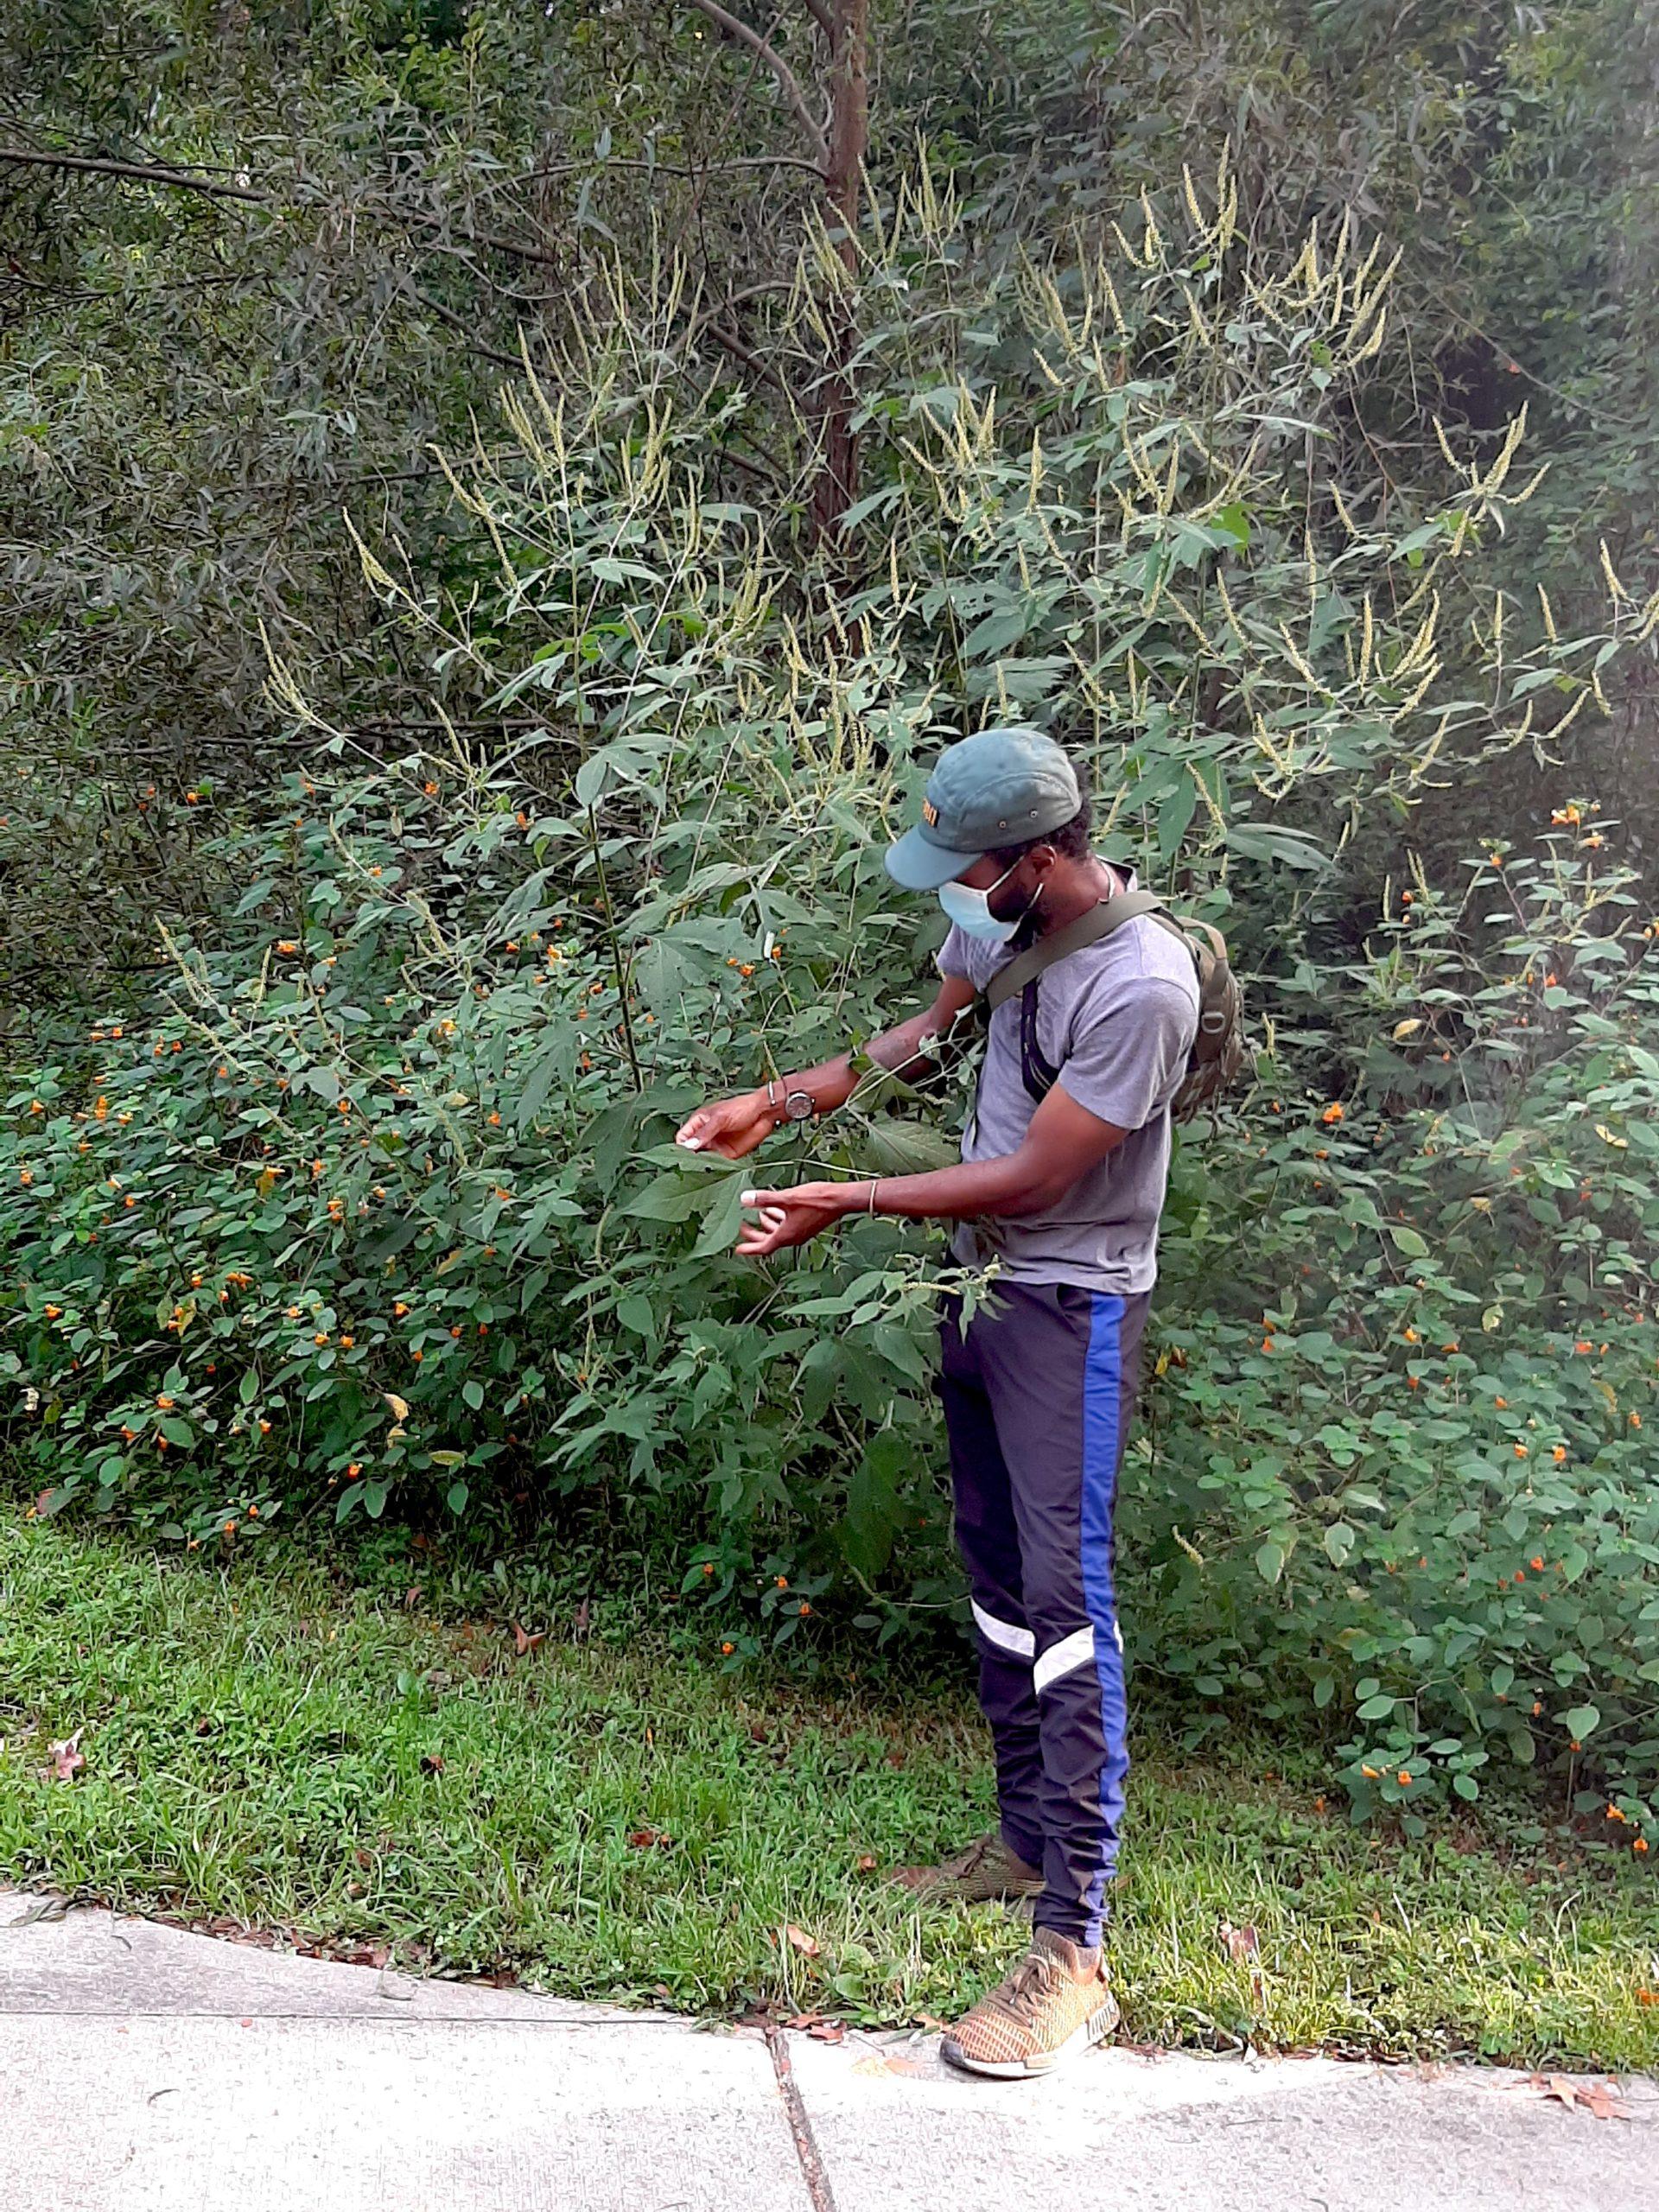 Jamal and ragweed